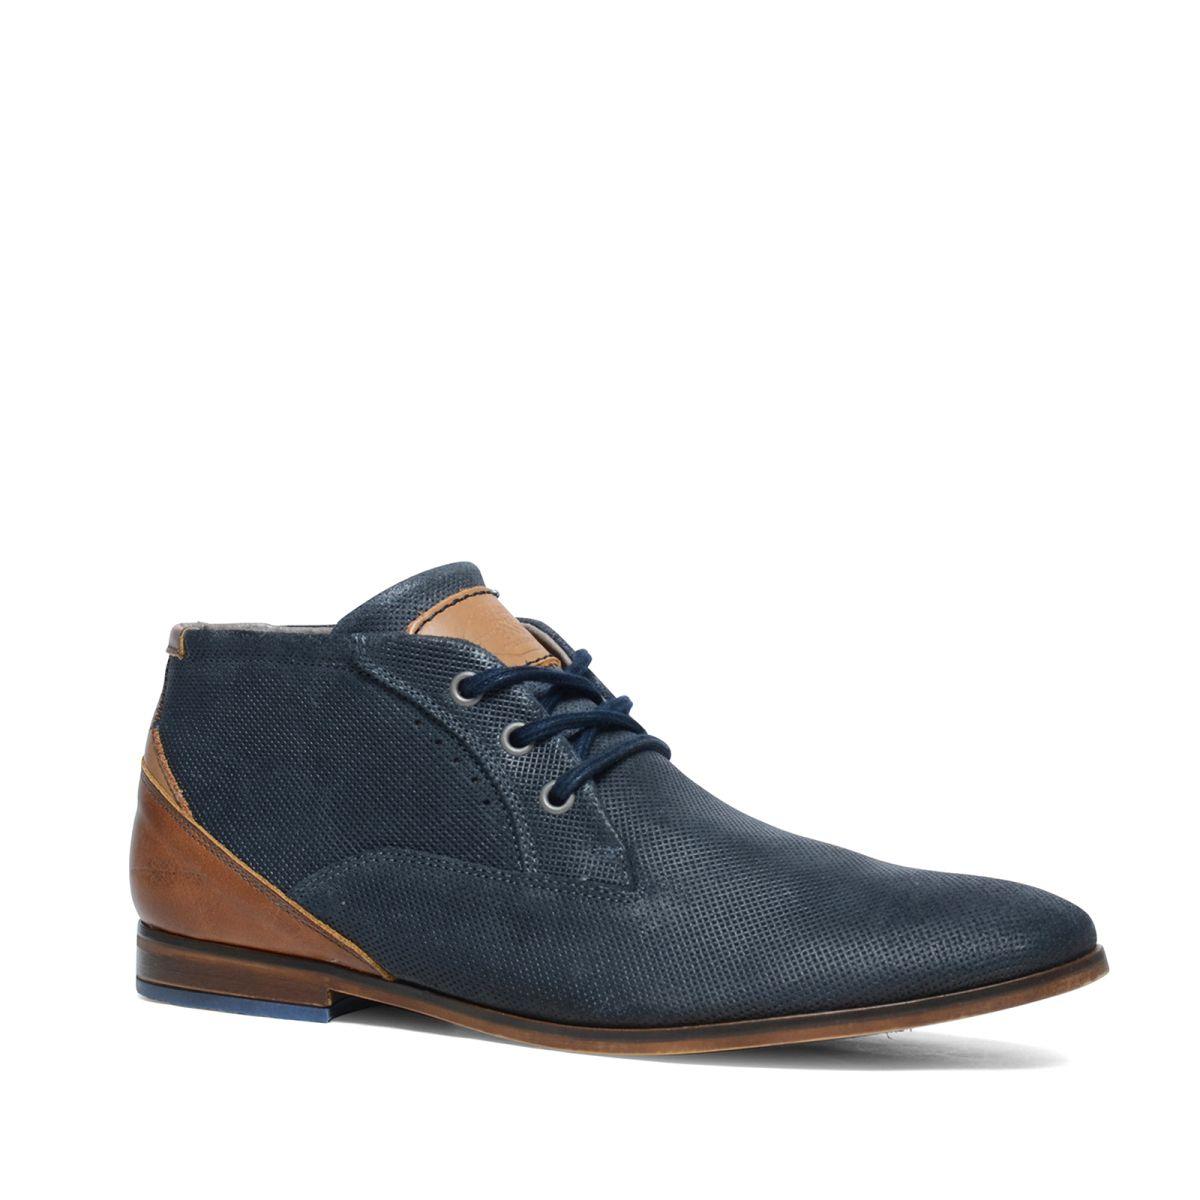 Blauwe veterboots met cognac hiel  Description: Blauwe veterschoenen van het merk Manfield. De schoenen zijn aan de binnenzijde en buitenzijde van leer. De dikkere veters geven de schoenen een sportieve uitstraling. Wat ook bijzonder is aan dit model is het geperforeerde detail over de gehele schoen. De maat valt normaal.  Price: 50.00  Meer informatie  #manfield